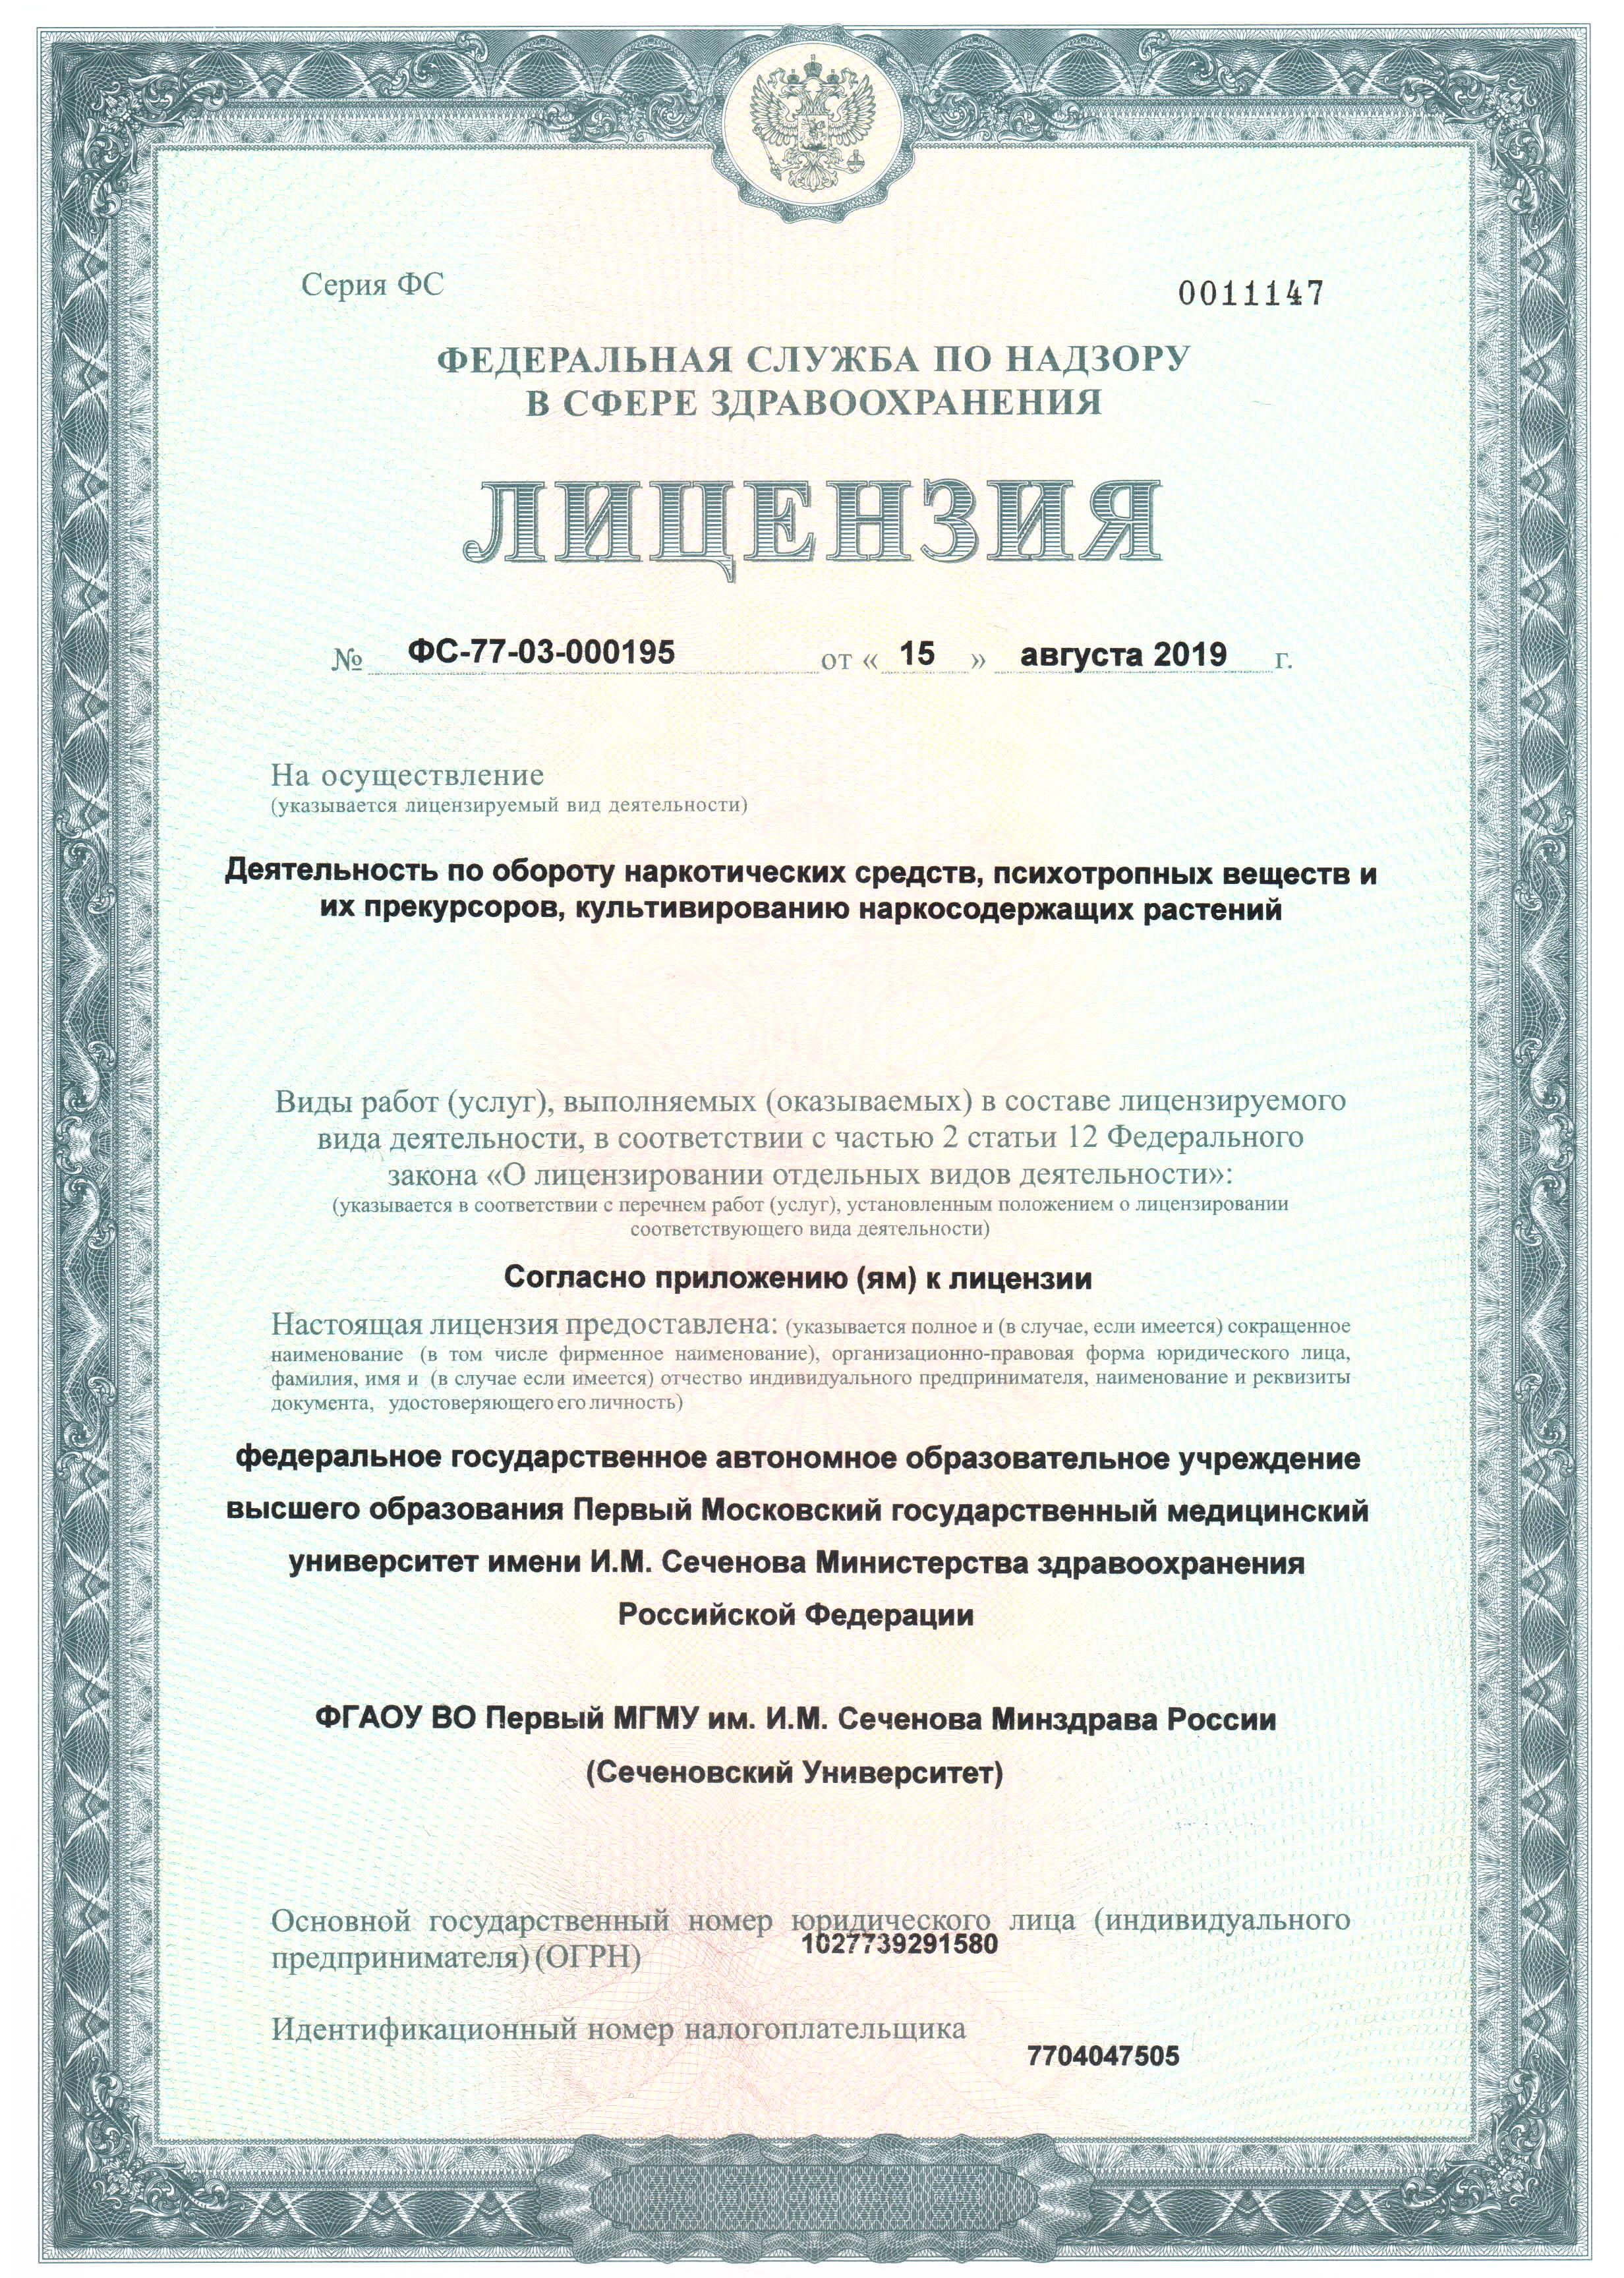 Лицензия на наркотическую деятельность от 15.08.19